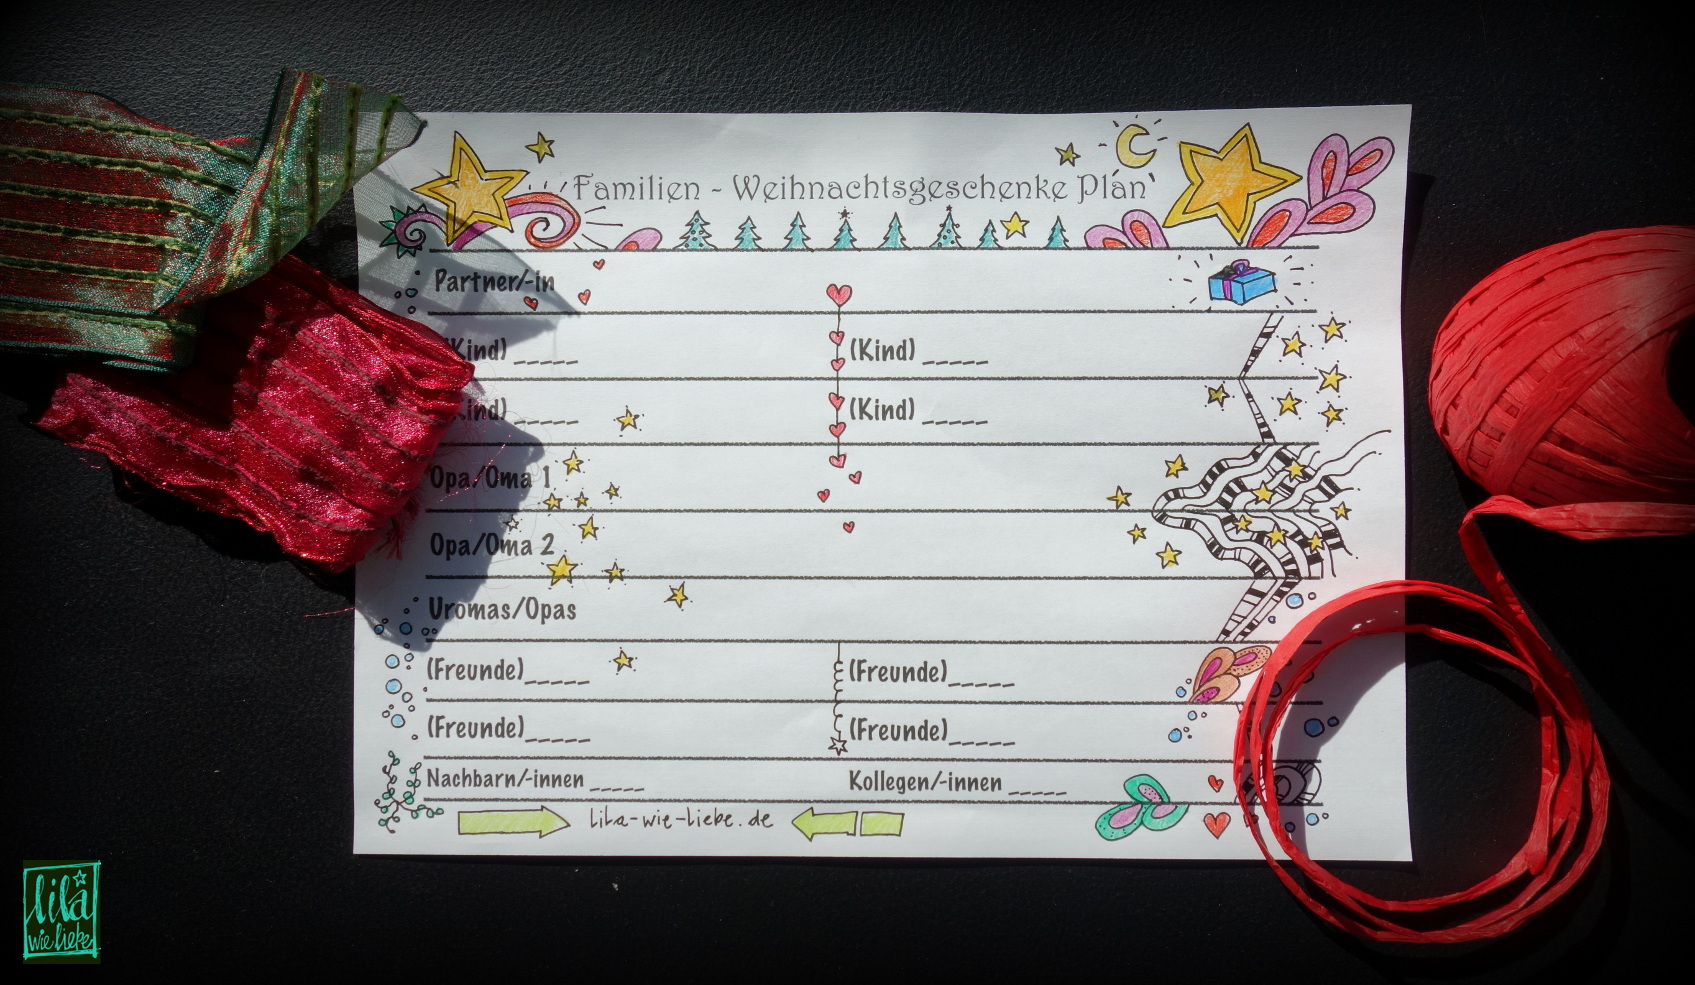 Weihnachtsgeschenke Familien-Plan - Lila wie Liebe